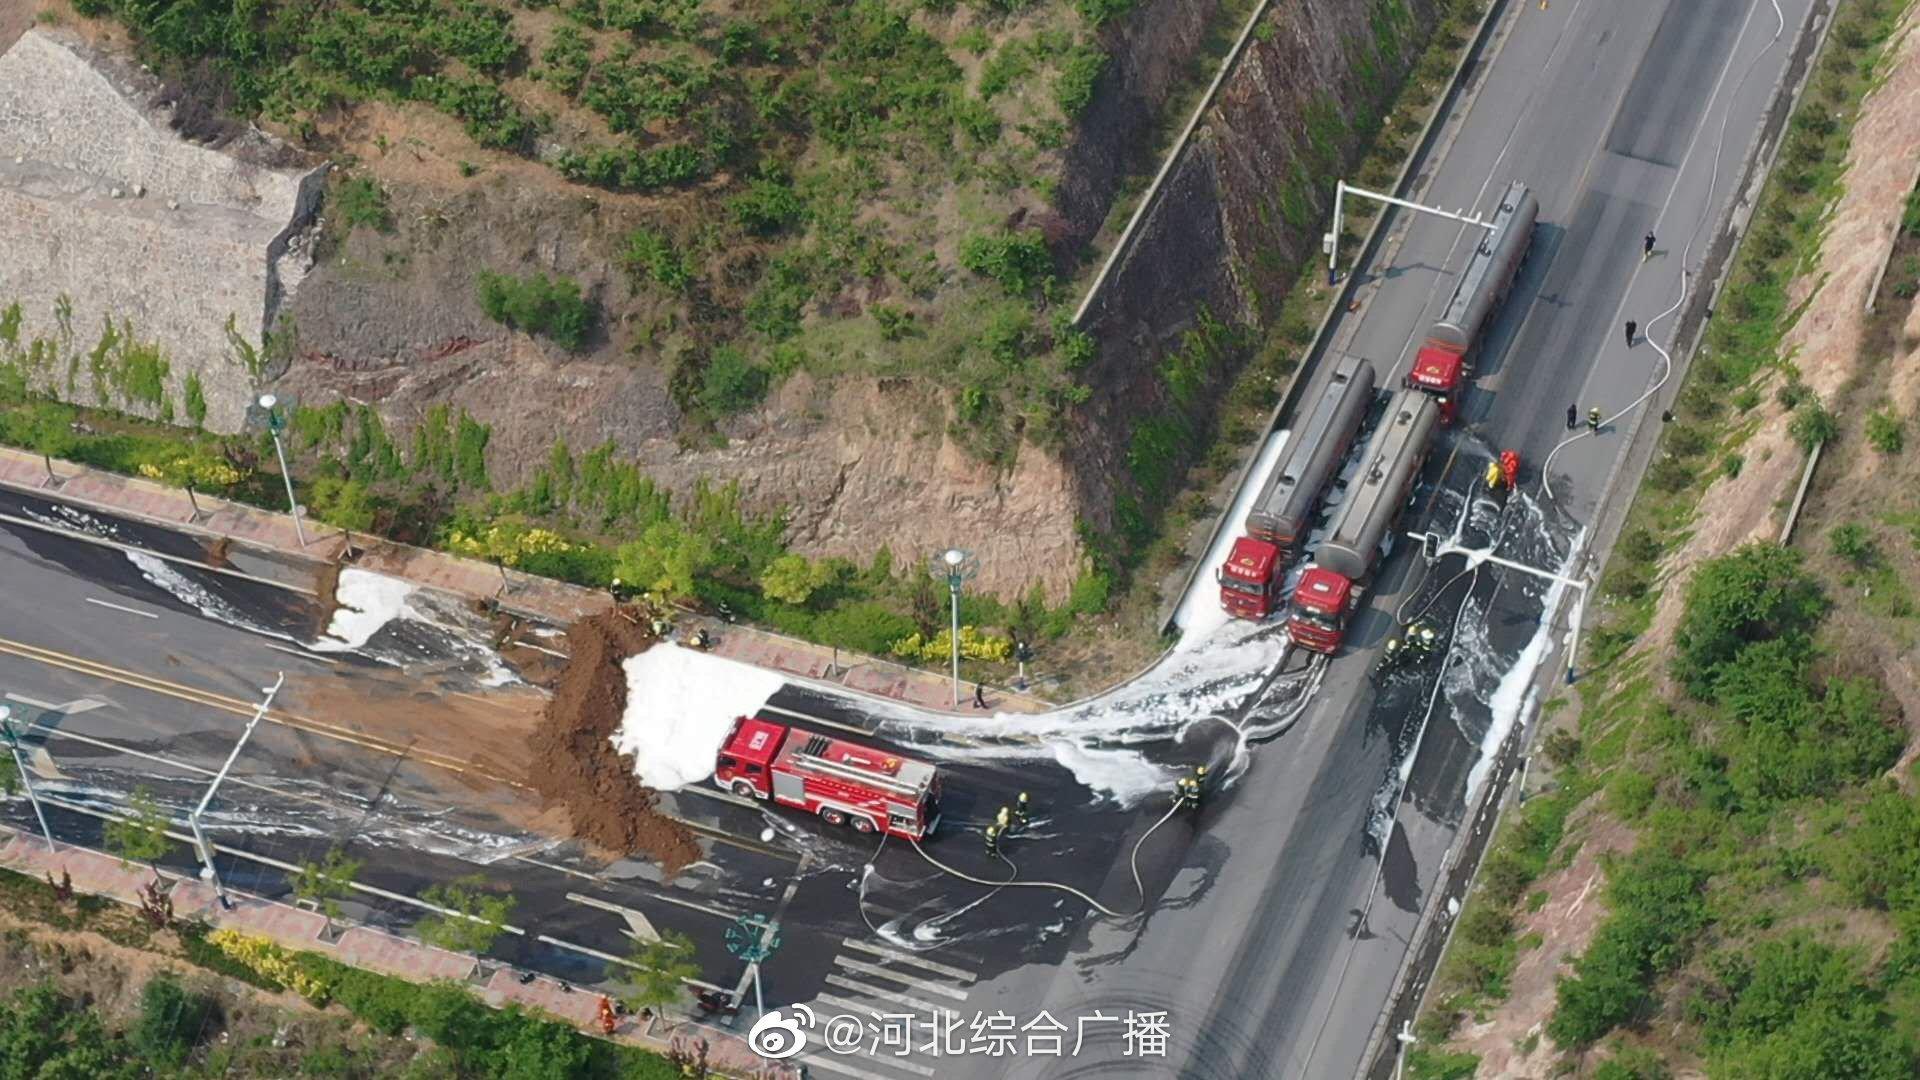 宽城县福成街三岔口处发生事故......